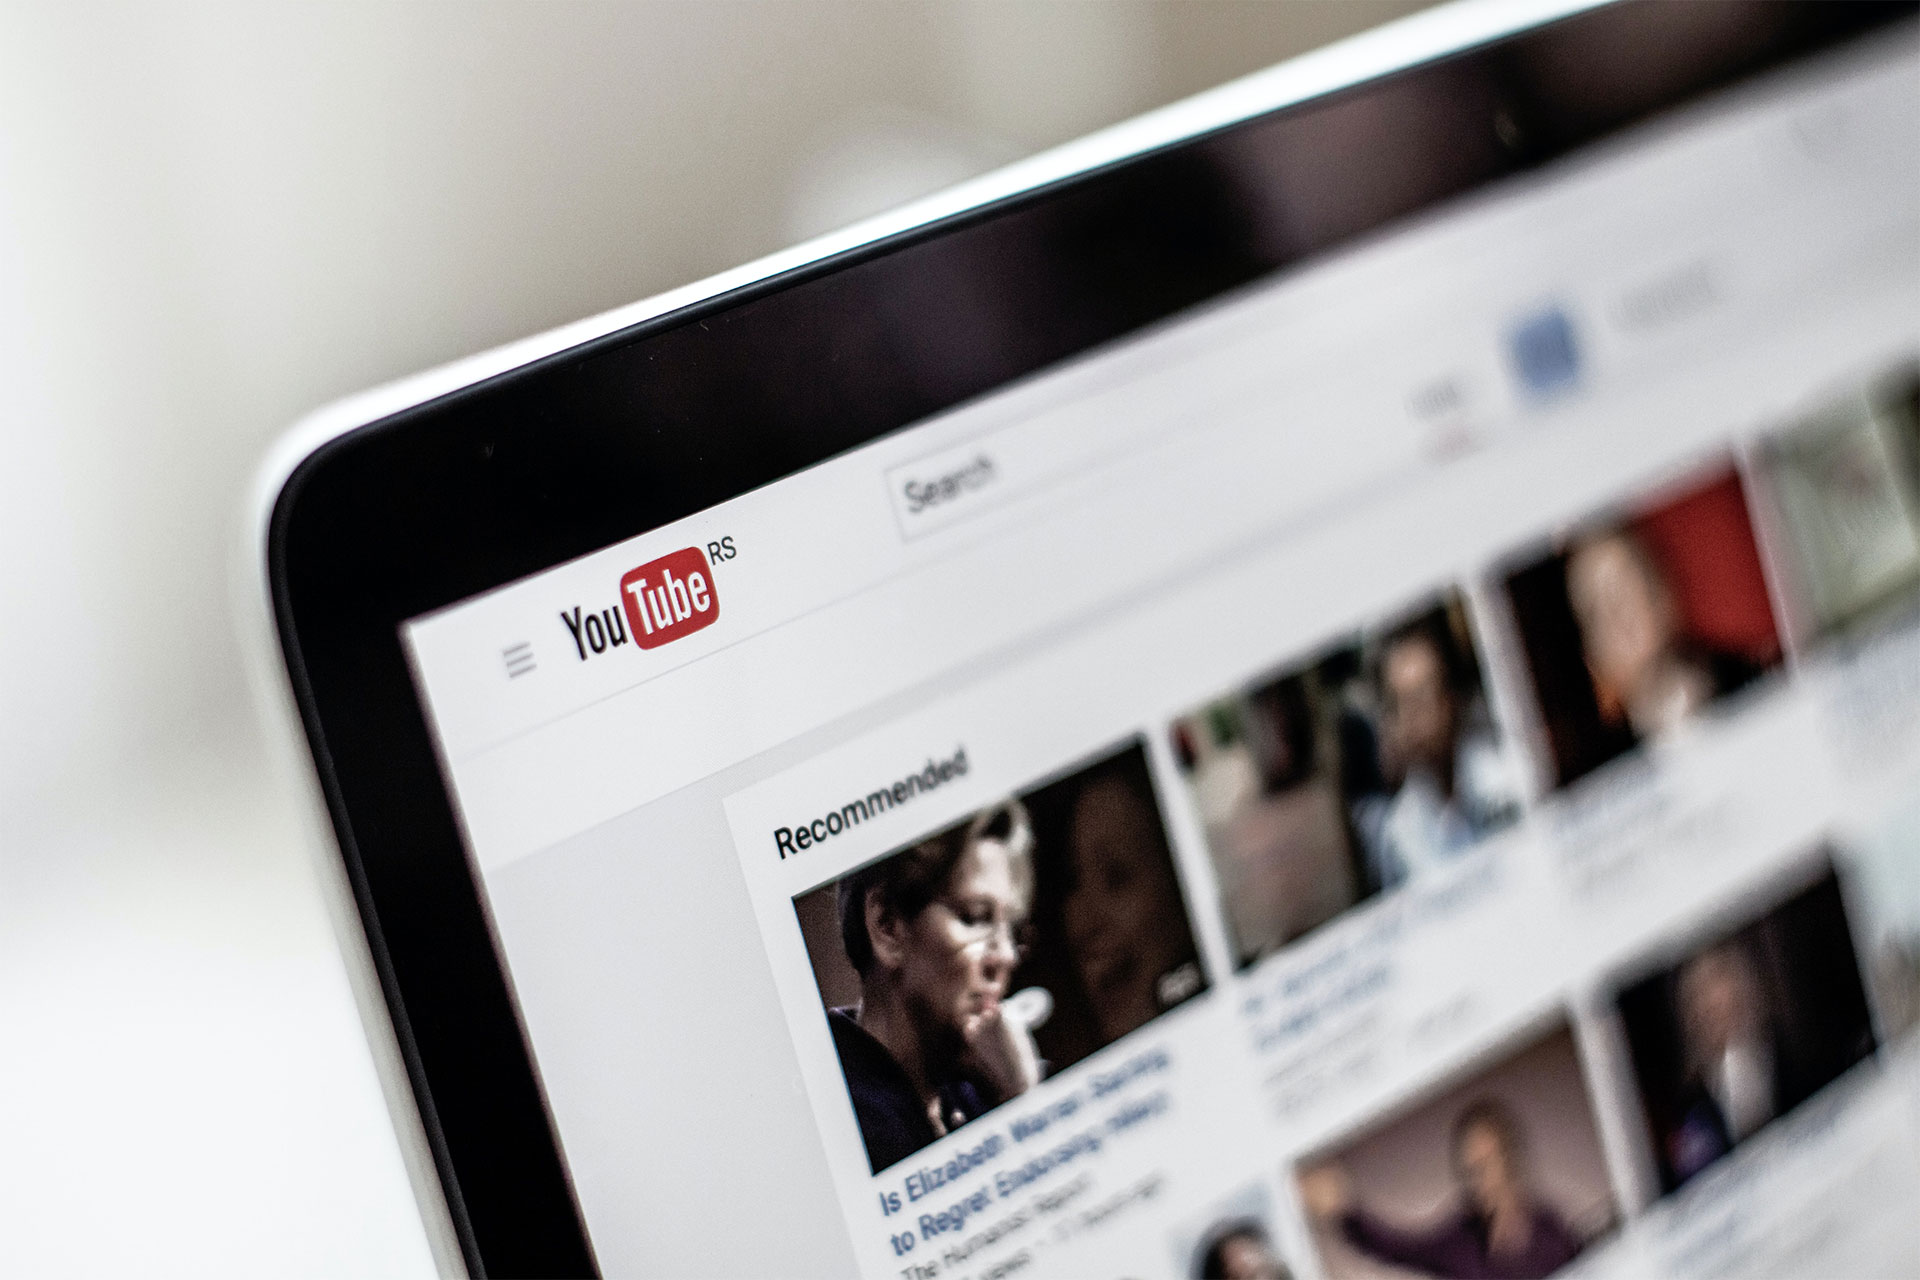 「Youtuber(ユーチューバー)とは!? マネタイズの仕組みやなり方を解説」のアイキャッチ画像